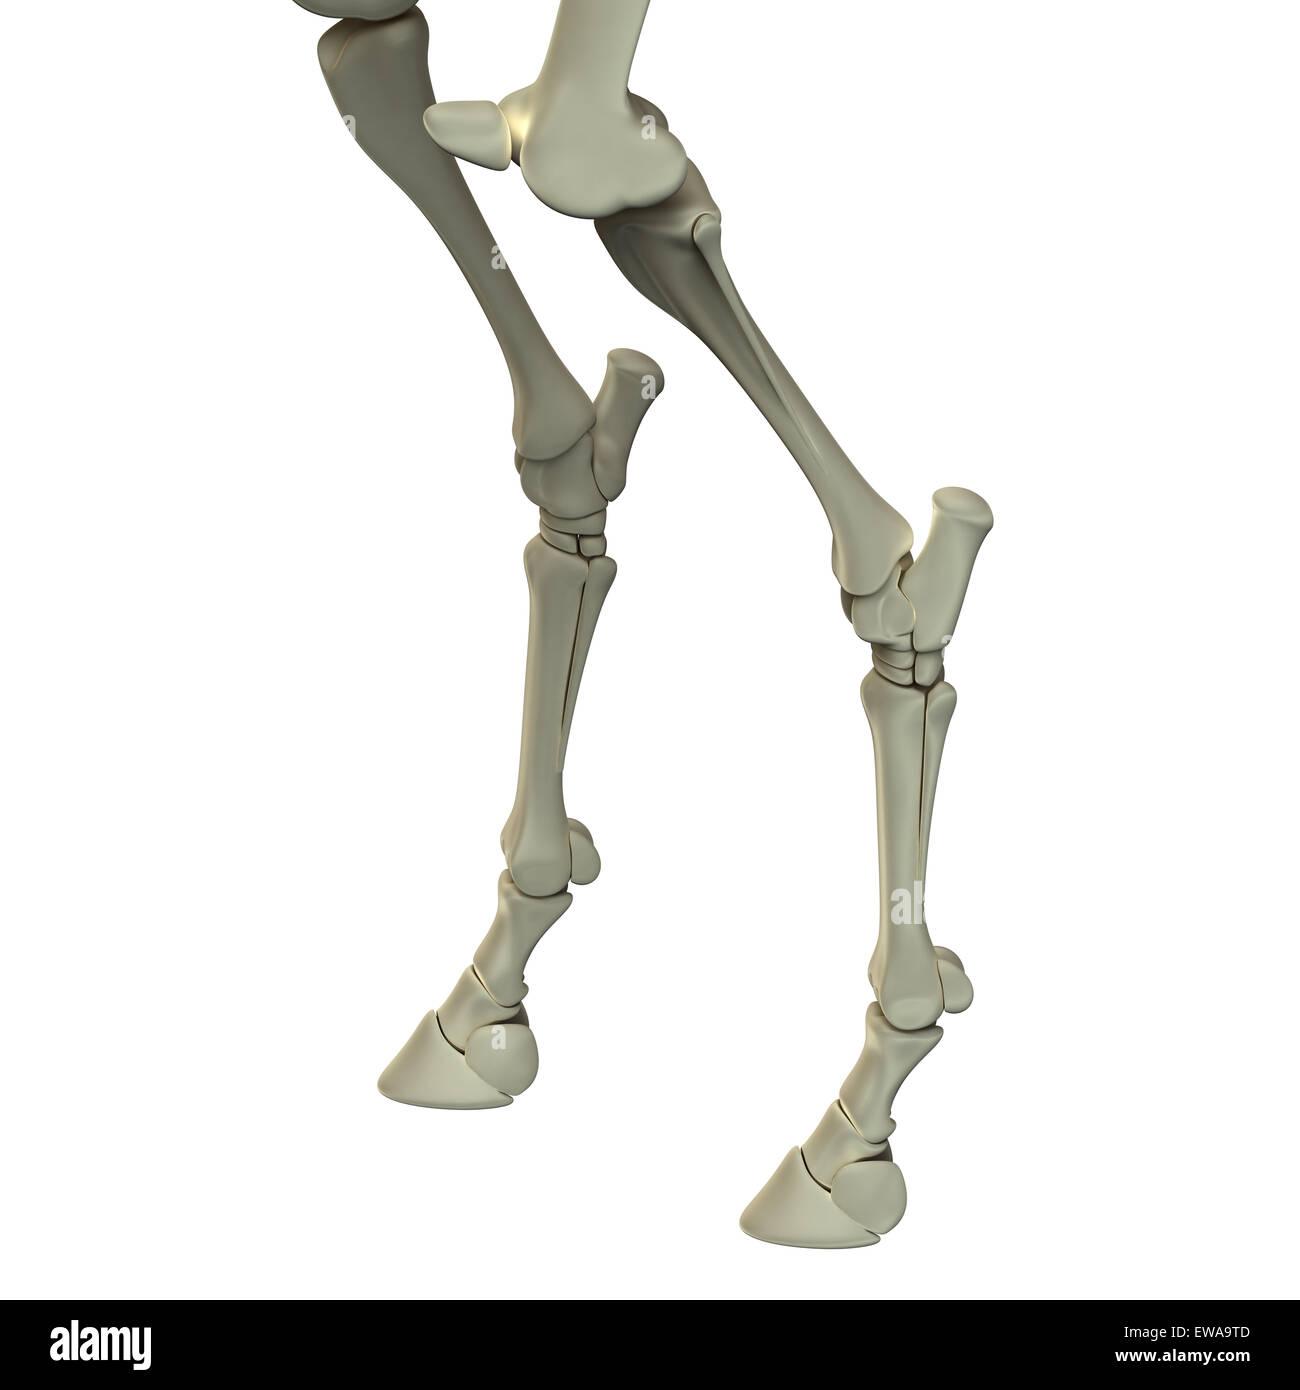 Hind Beinknochen - Pferd Equus Anatomie - isoliert auf weißem Pferd Stockbild